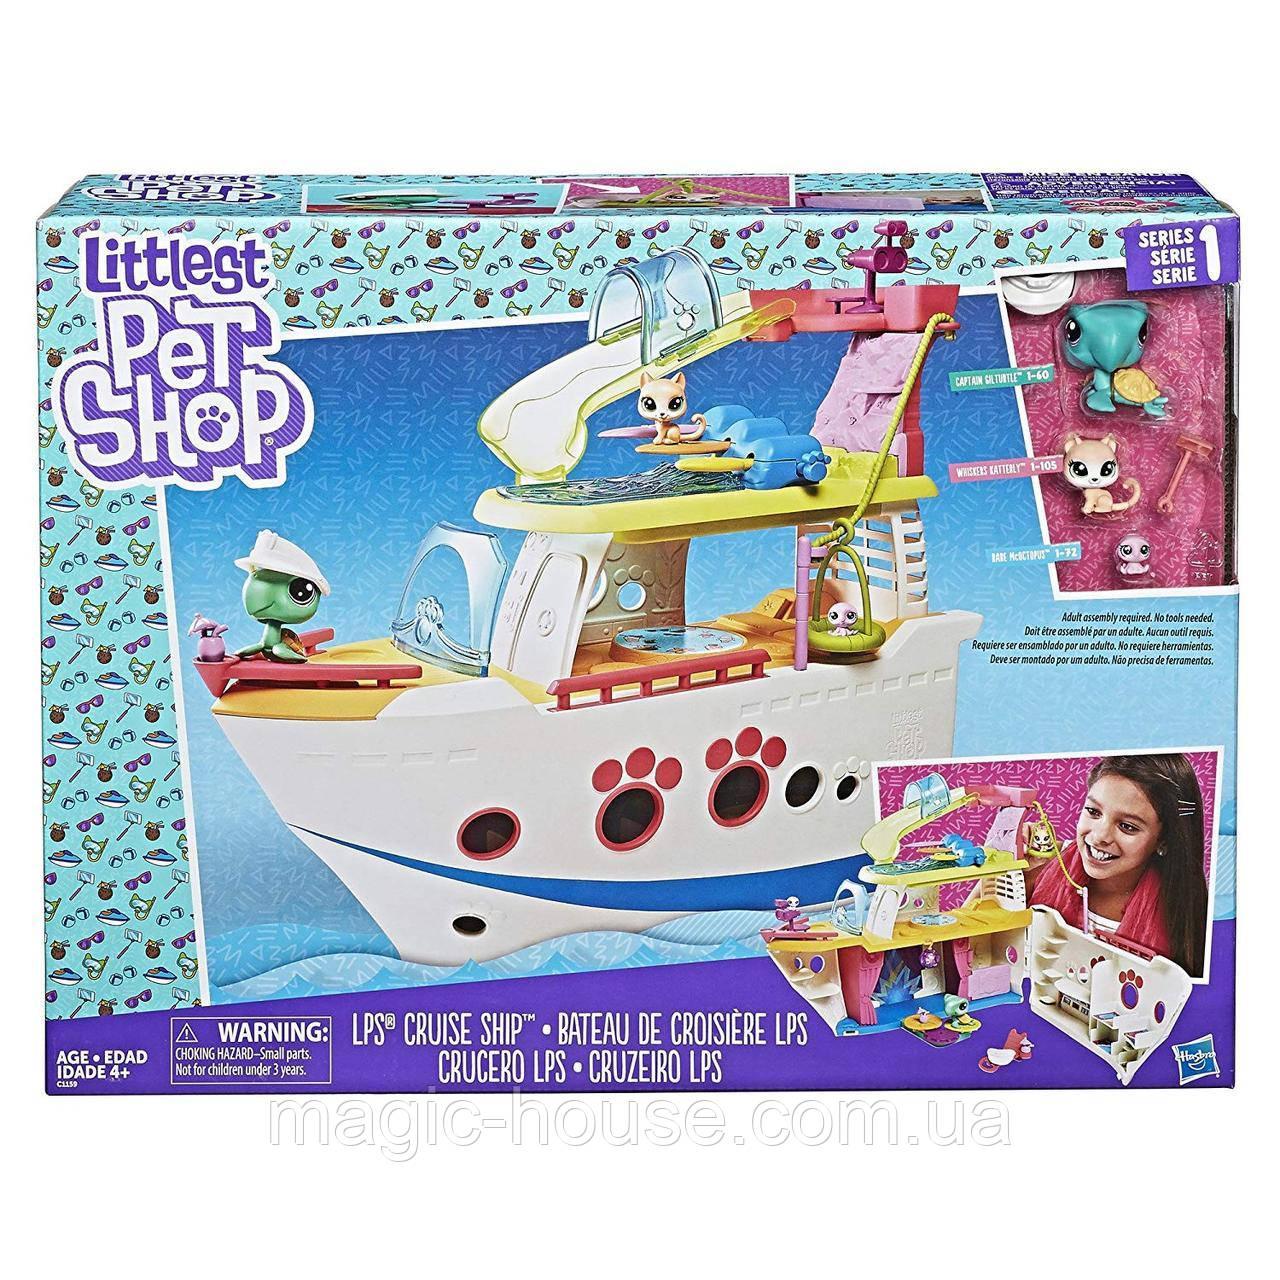 Игровой набор Littlest Pet Shop Круизный корабль  LPS Cruise Ship Оригинал от Hasbro